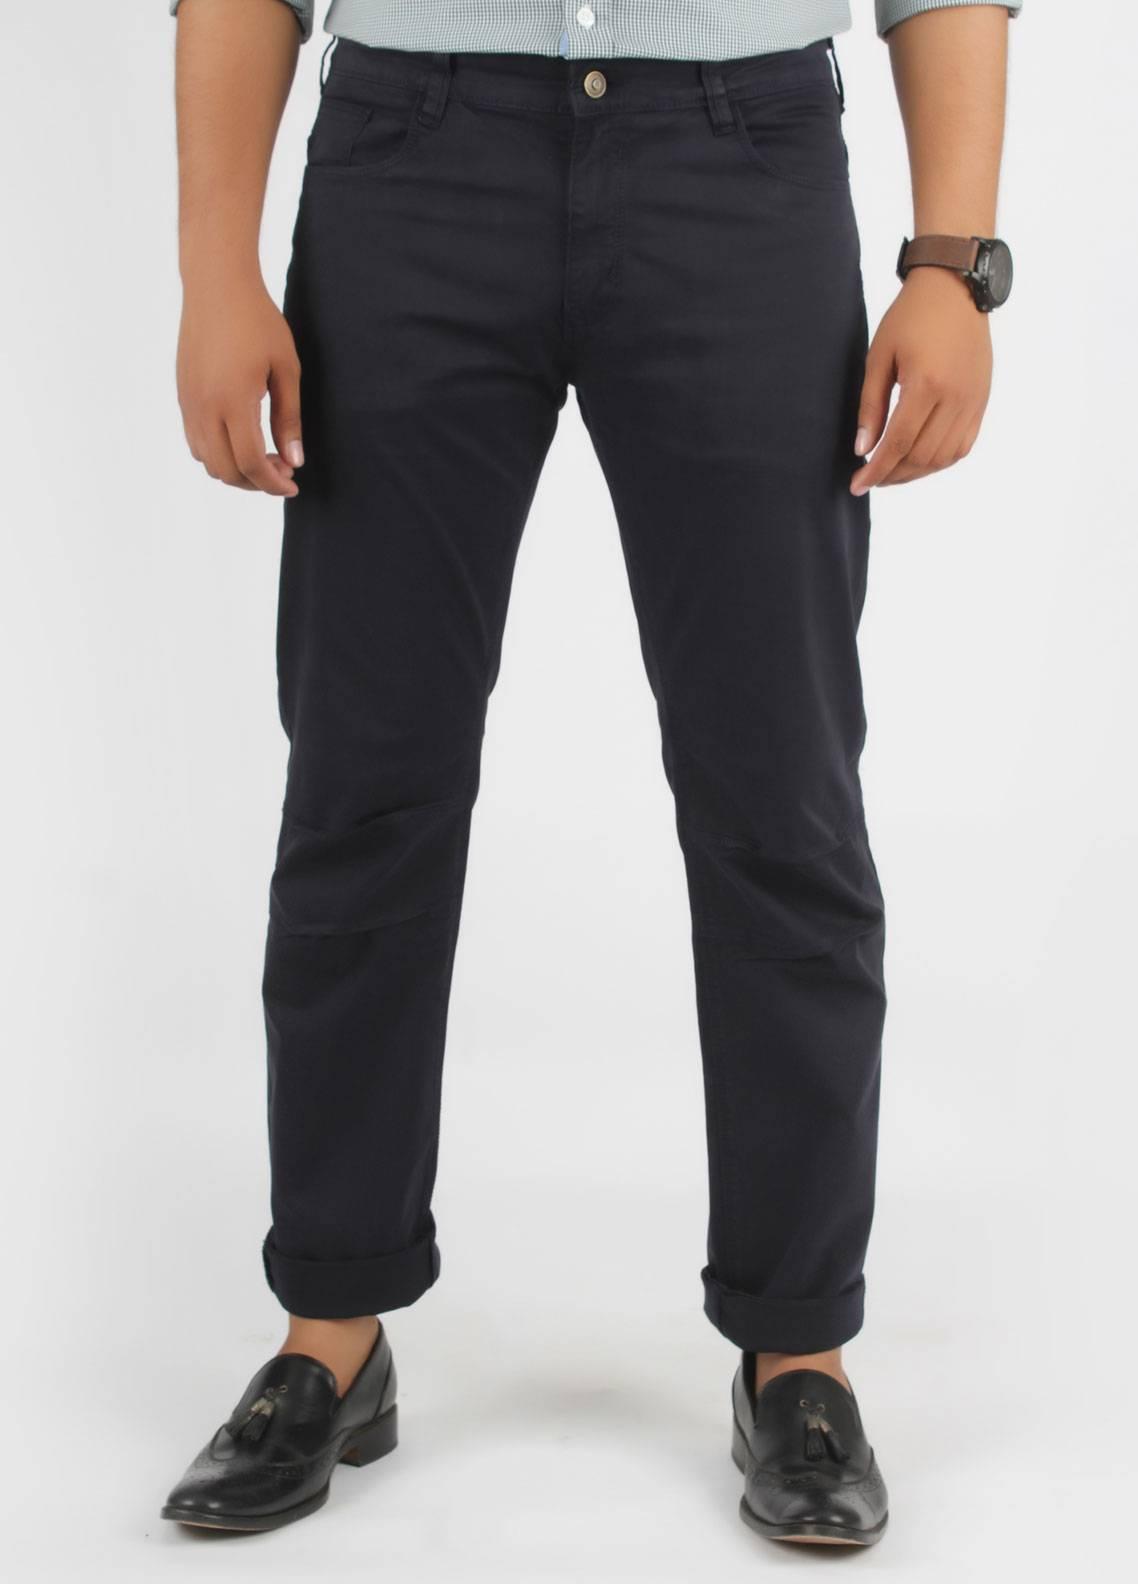 Bien Habille Cotton Casual Men Jeans -  Black